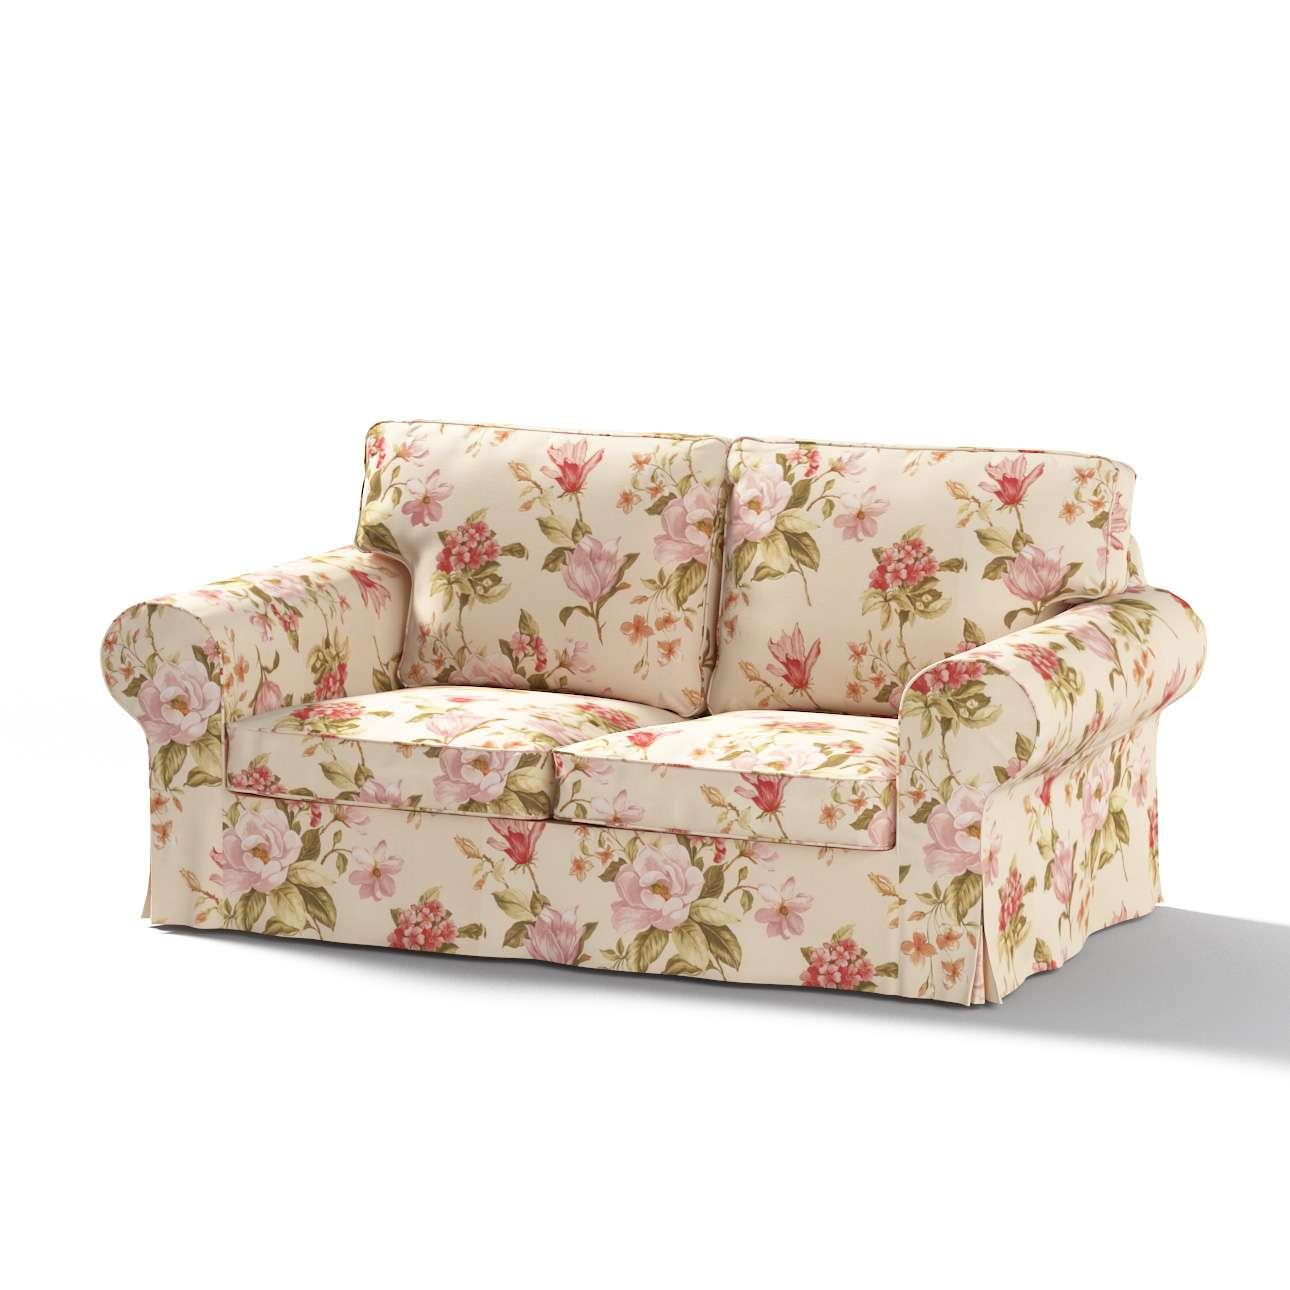 Ektorp dvivietės sofos užvalkalas Ektorp dvivietės sofos užvalkalas kolekcijoje Londres, audinys: 123-05